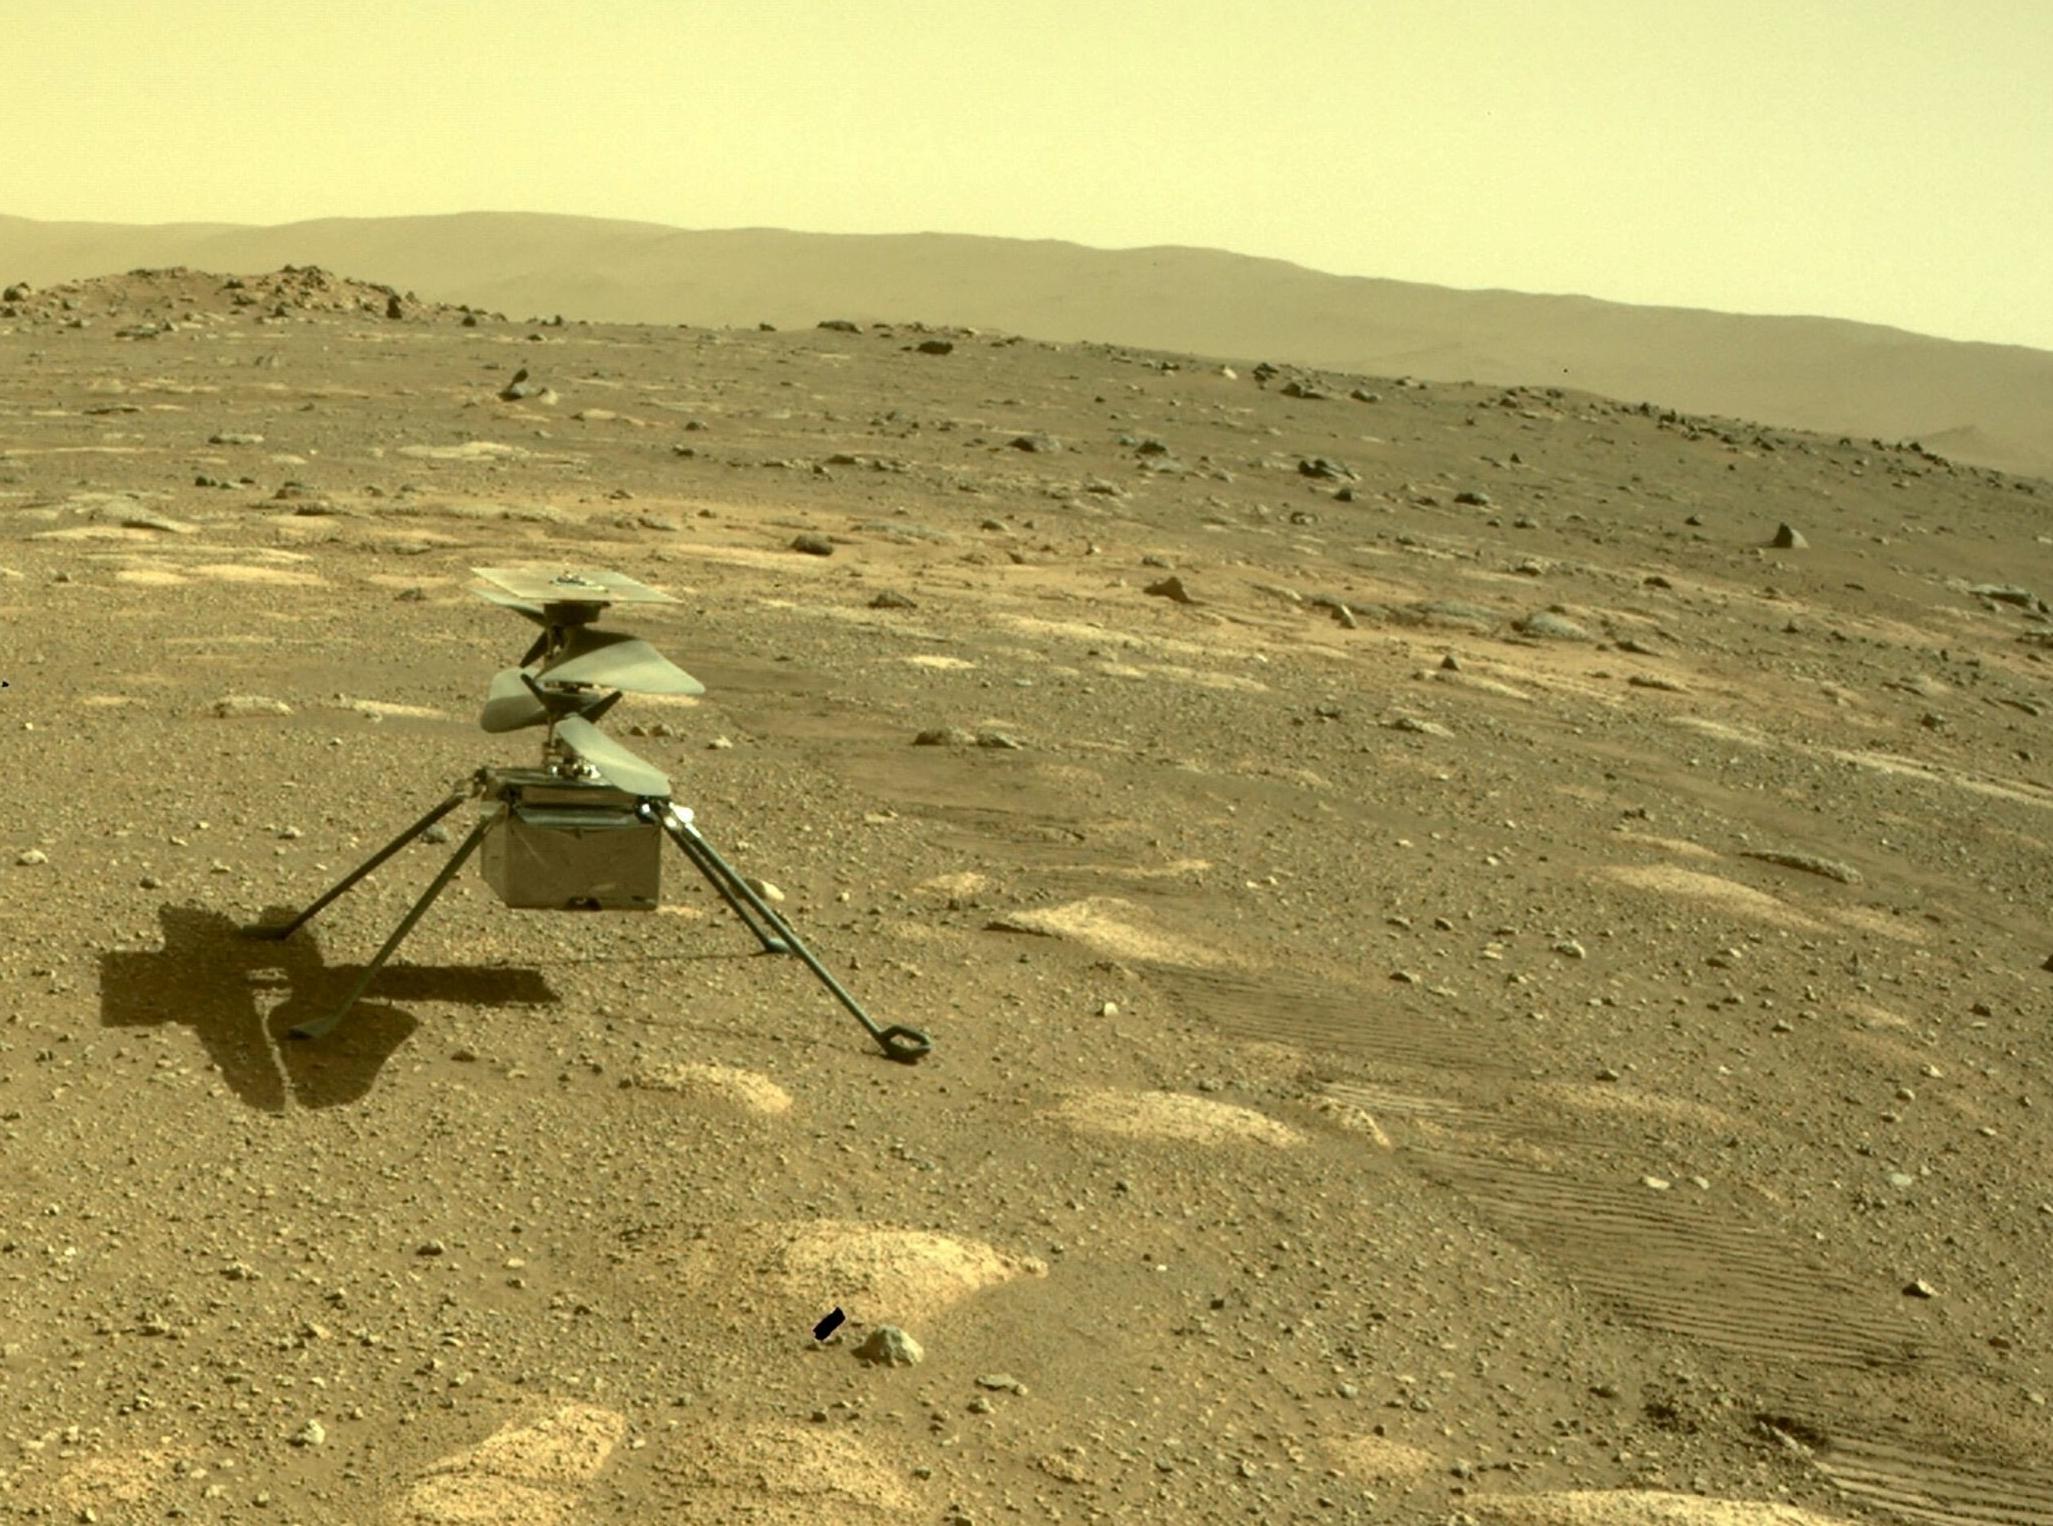 Китай запланировал изучить Марс на гиперзвуковых беспилотниках